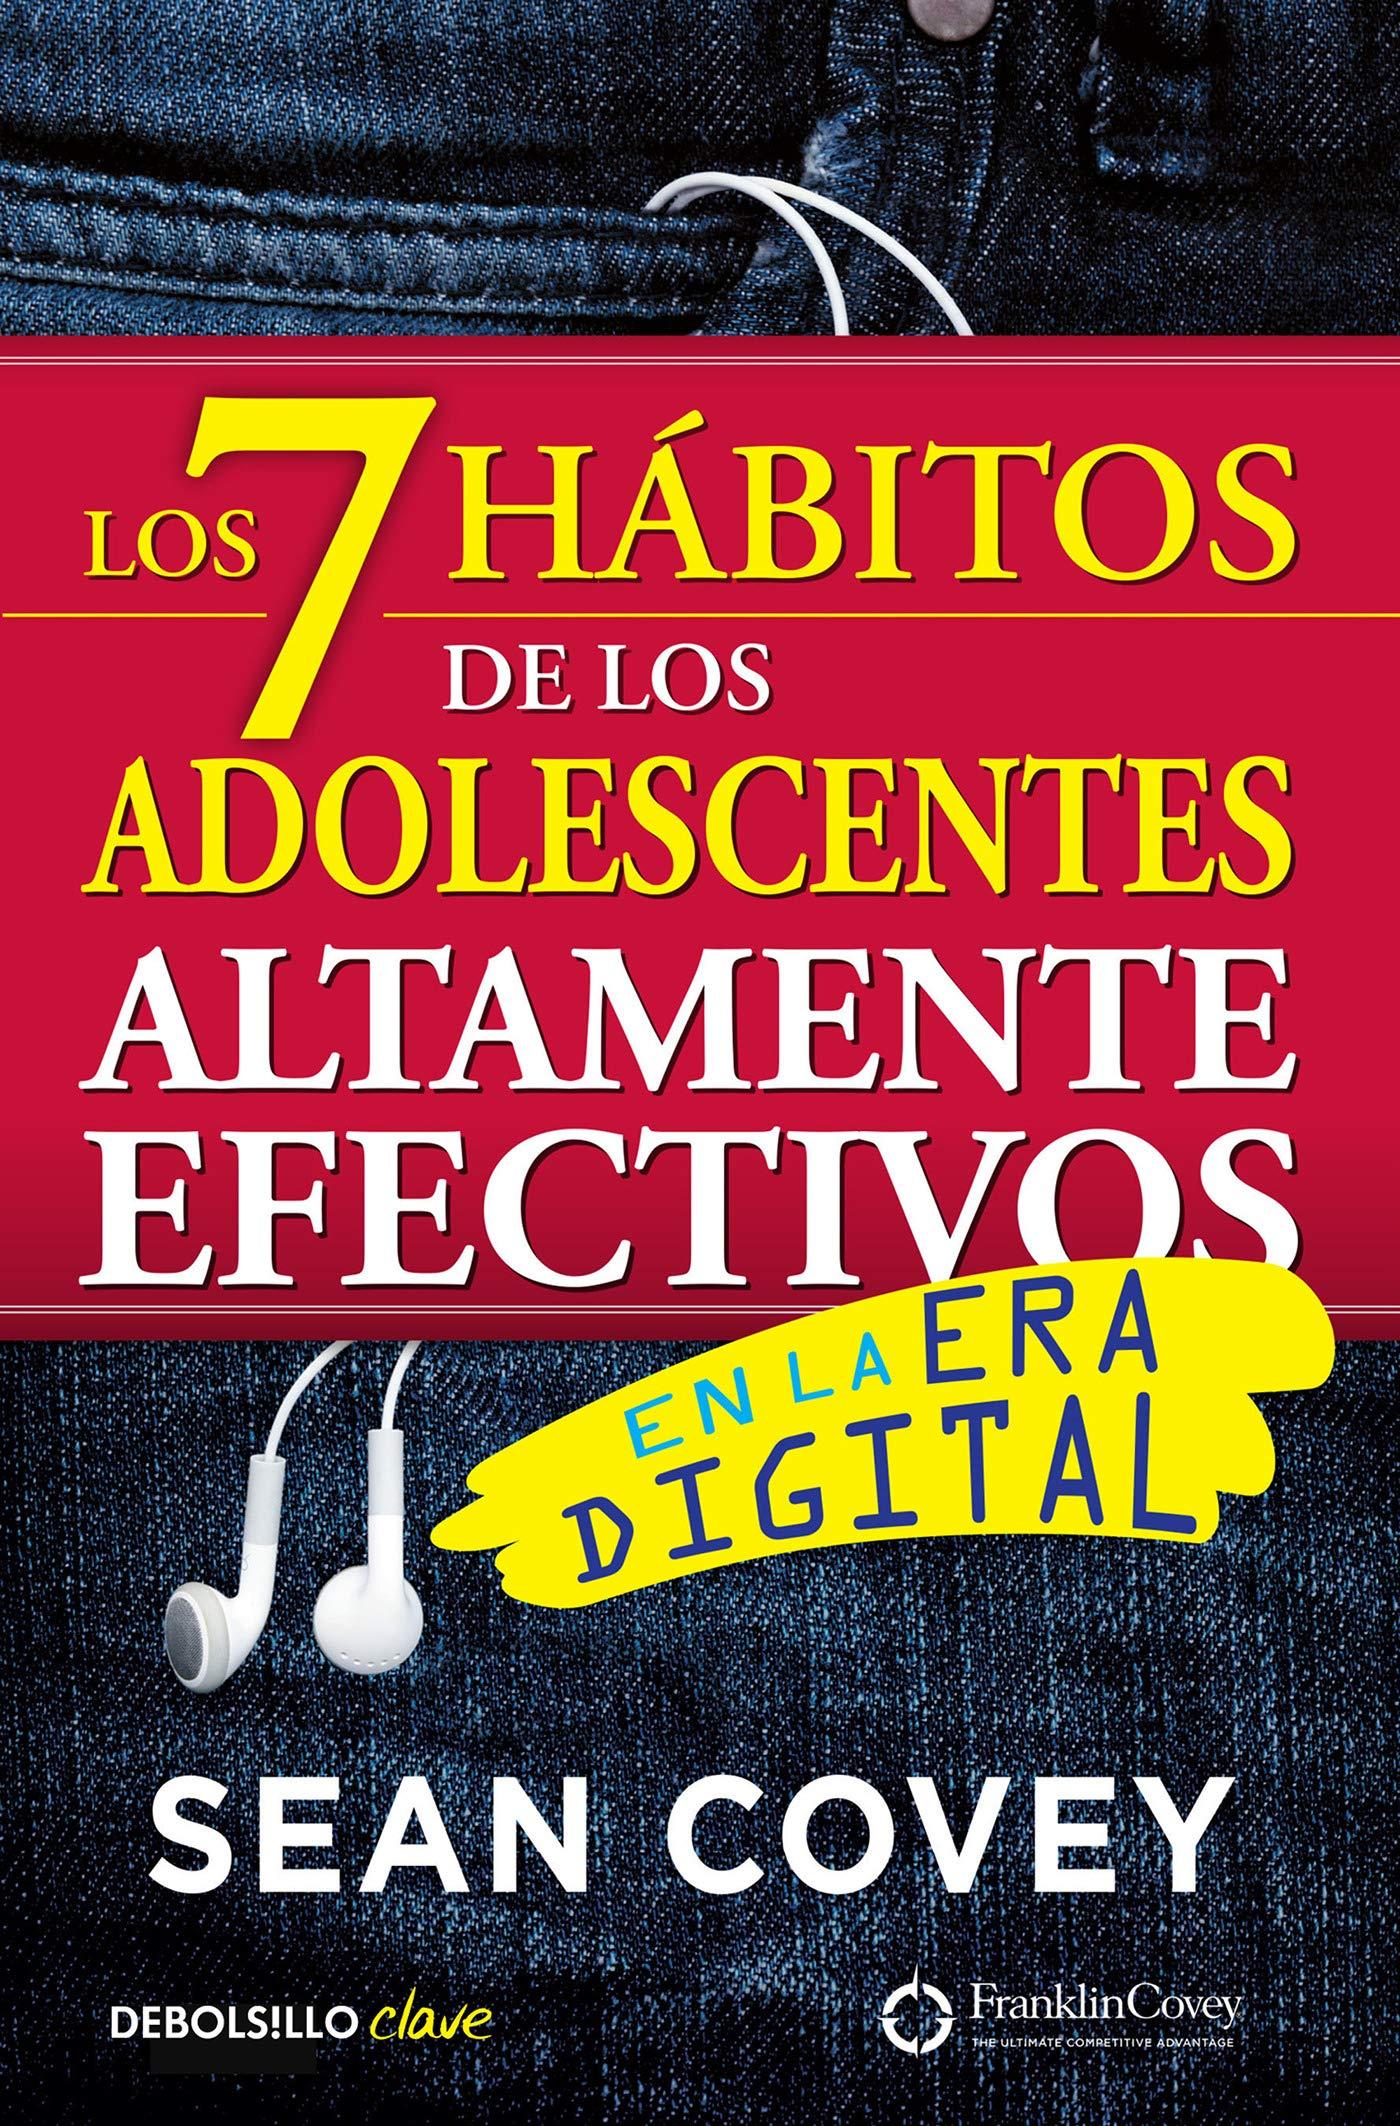 Los 7 hábitos de los adolescentes altamente efectivos: La mejor guía práctica para que los jóvenes alcancen el éxito…